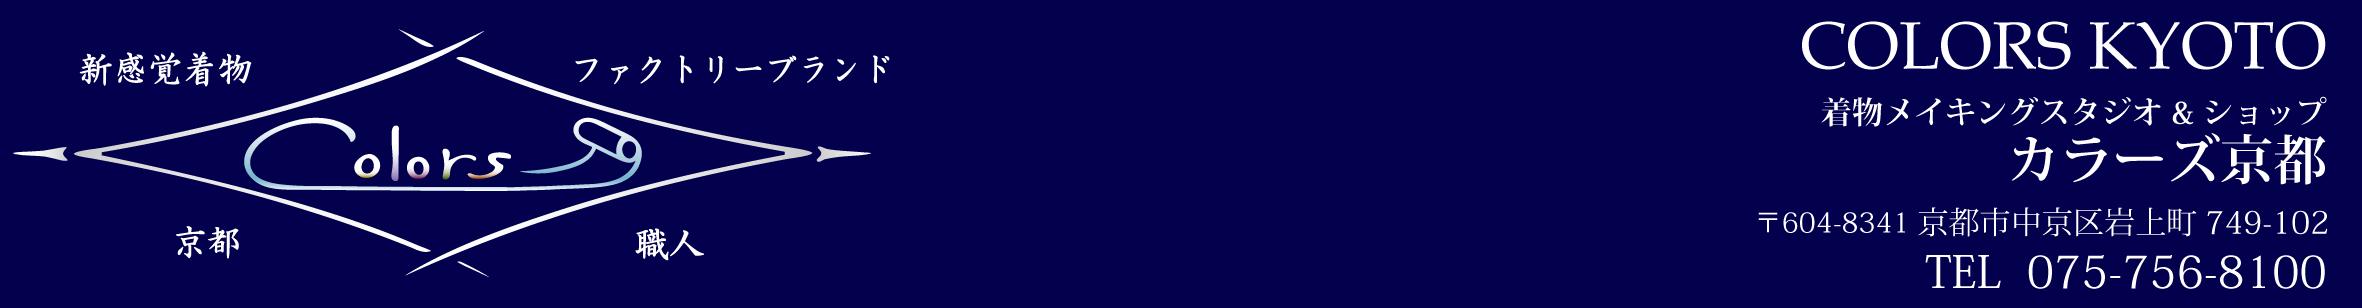 職人による着物ファクトリーブランド 【カラーズ 京都】 公式 ONLINE SHOP